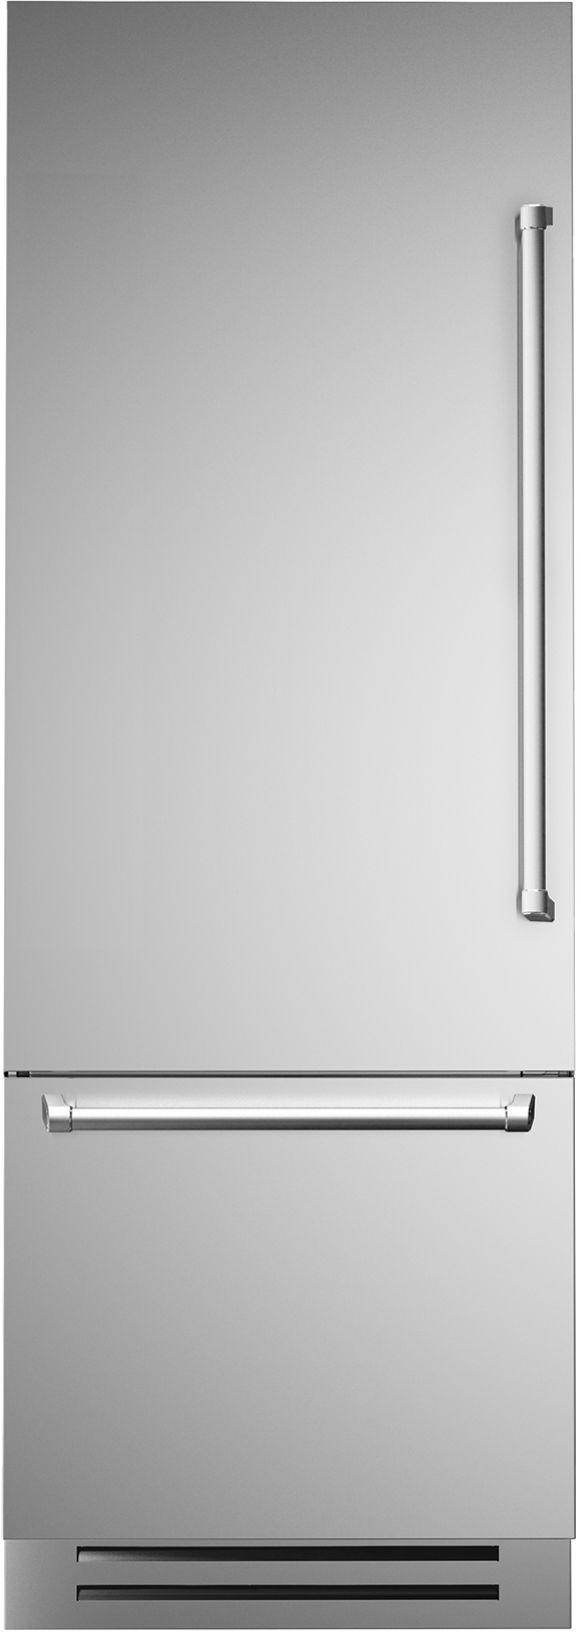 Réfrigérateur à congélateur inférieur de 30 po Bertazzoni® de 14,0 pi³ - Acier inoxydable-REF30PIXL